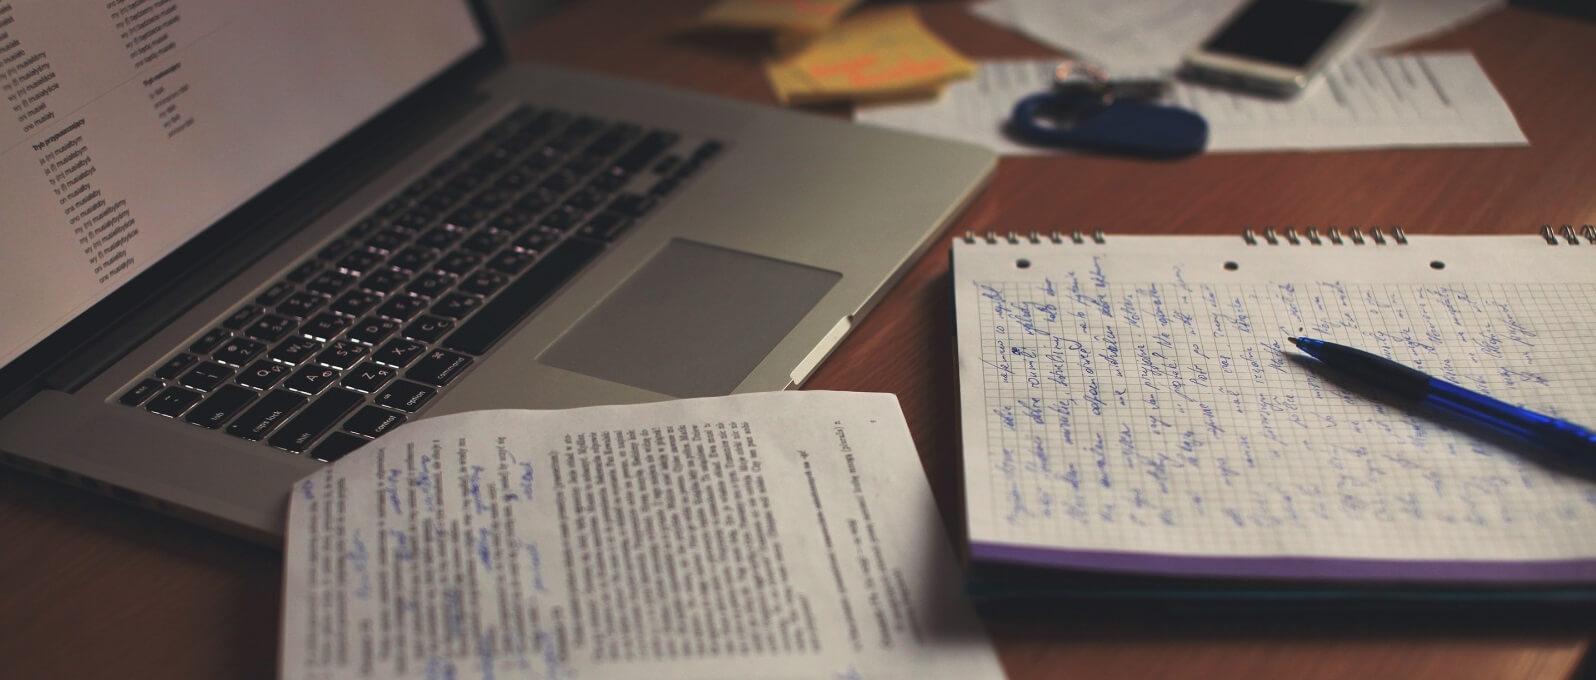 пишем тексты